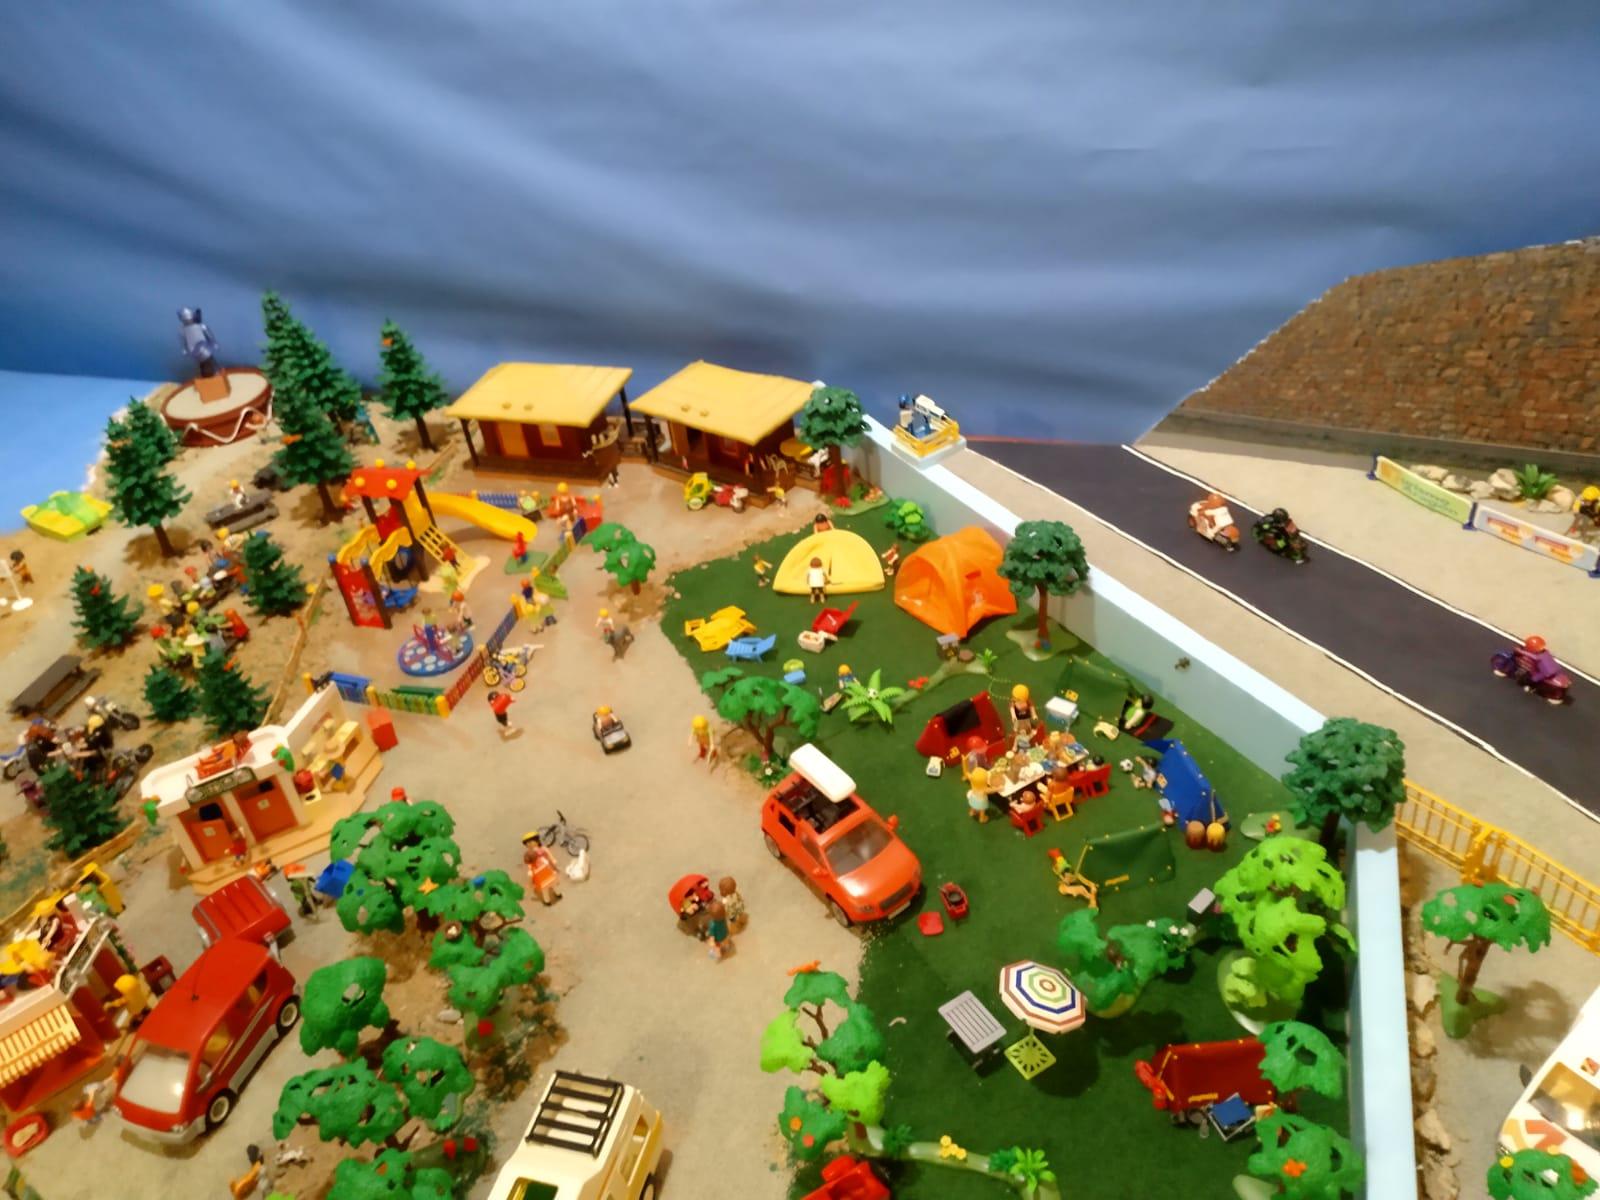 exposicion playmobil alcañiz de tiendas navidad